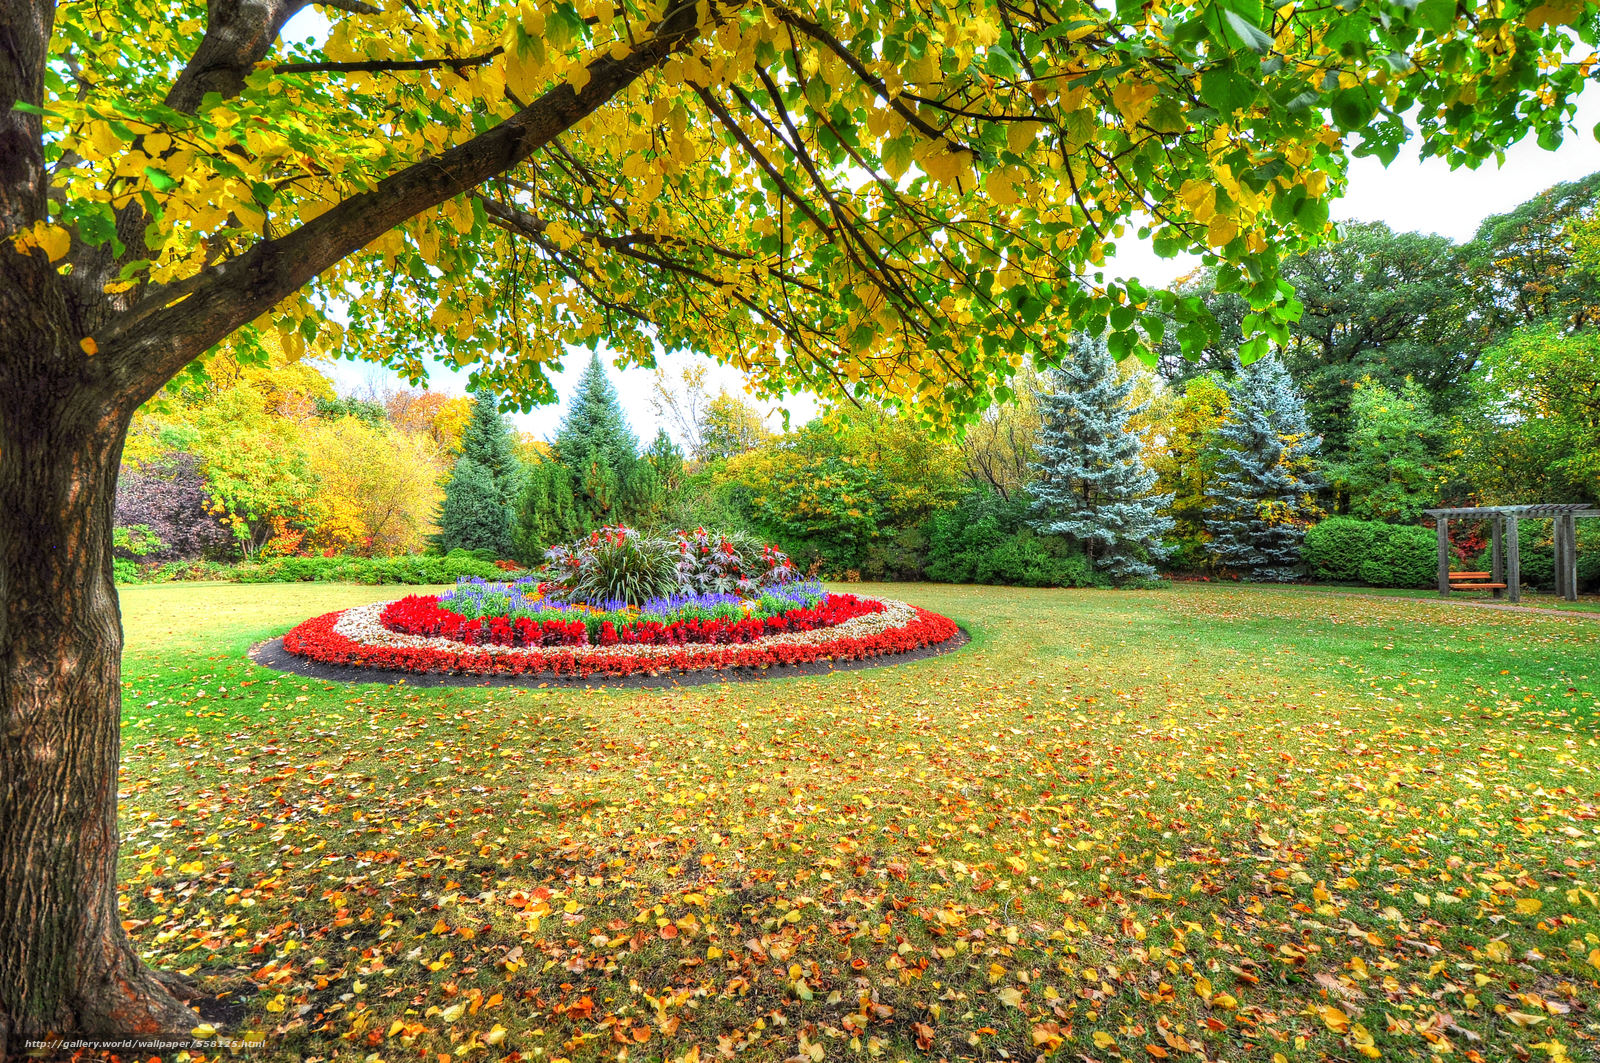 Tlcharger Fond D Ecran Automne Arbres Parc Parterre De Fleurs Fonds D Ecran Gratuits Pour Votre Rsolution Du Bureau 4259x2829 Image 558125